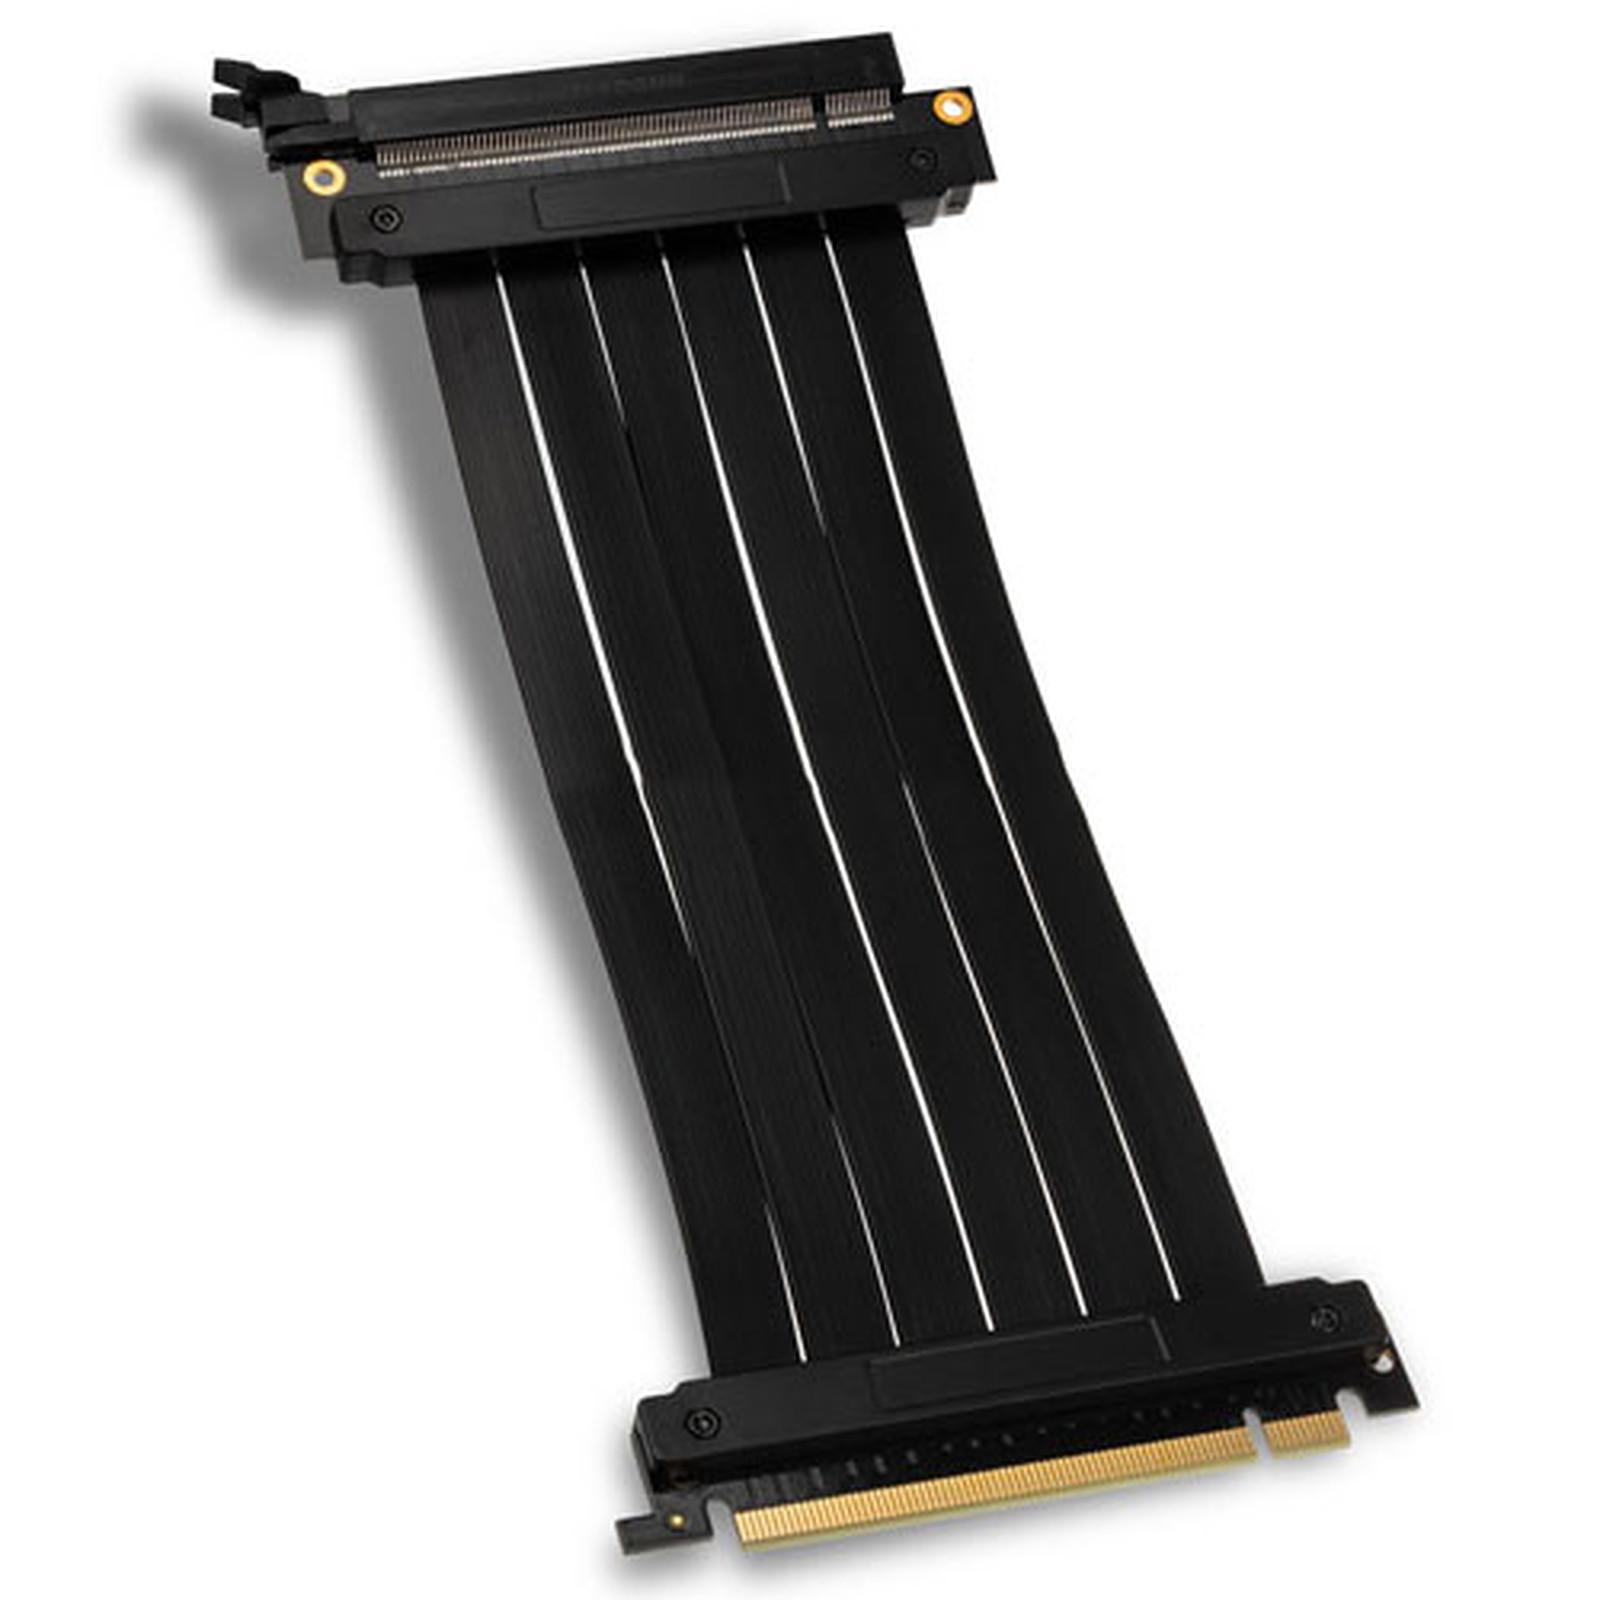 Kolink Riser PCIe 3.0 x16 (30 cm)